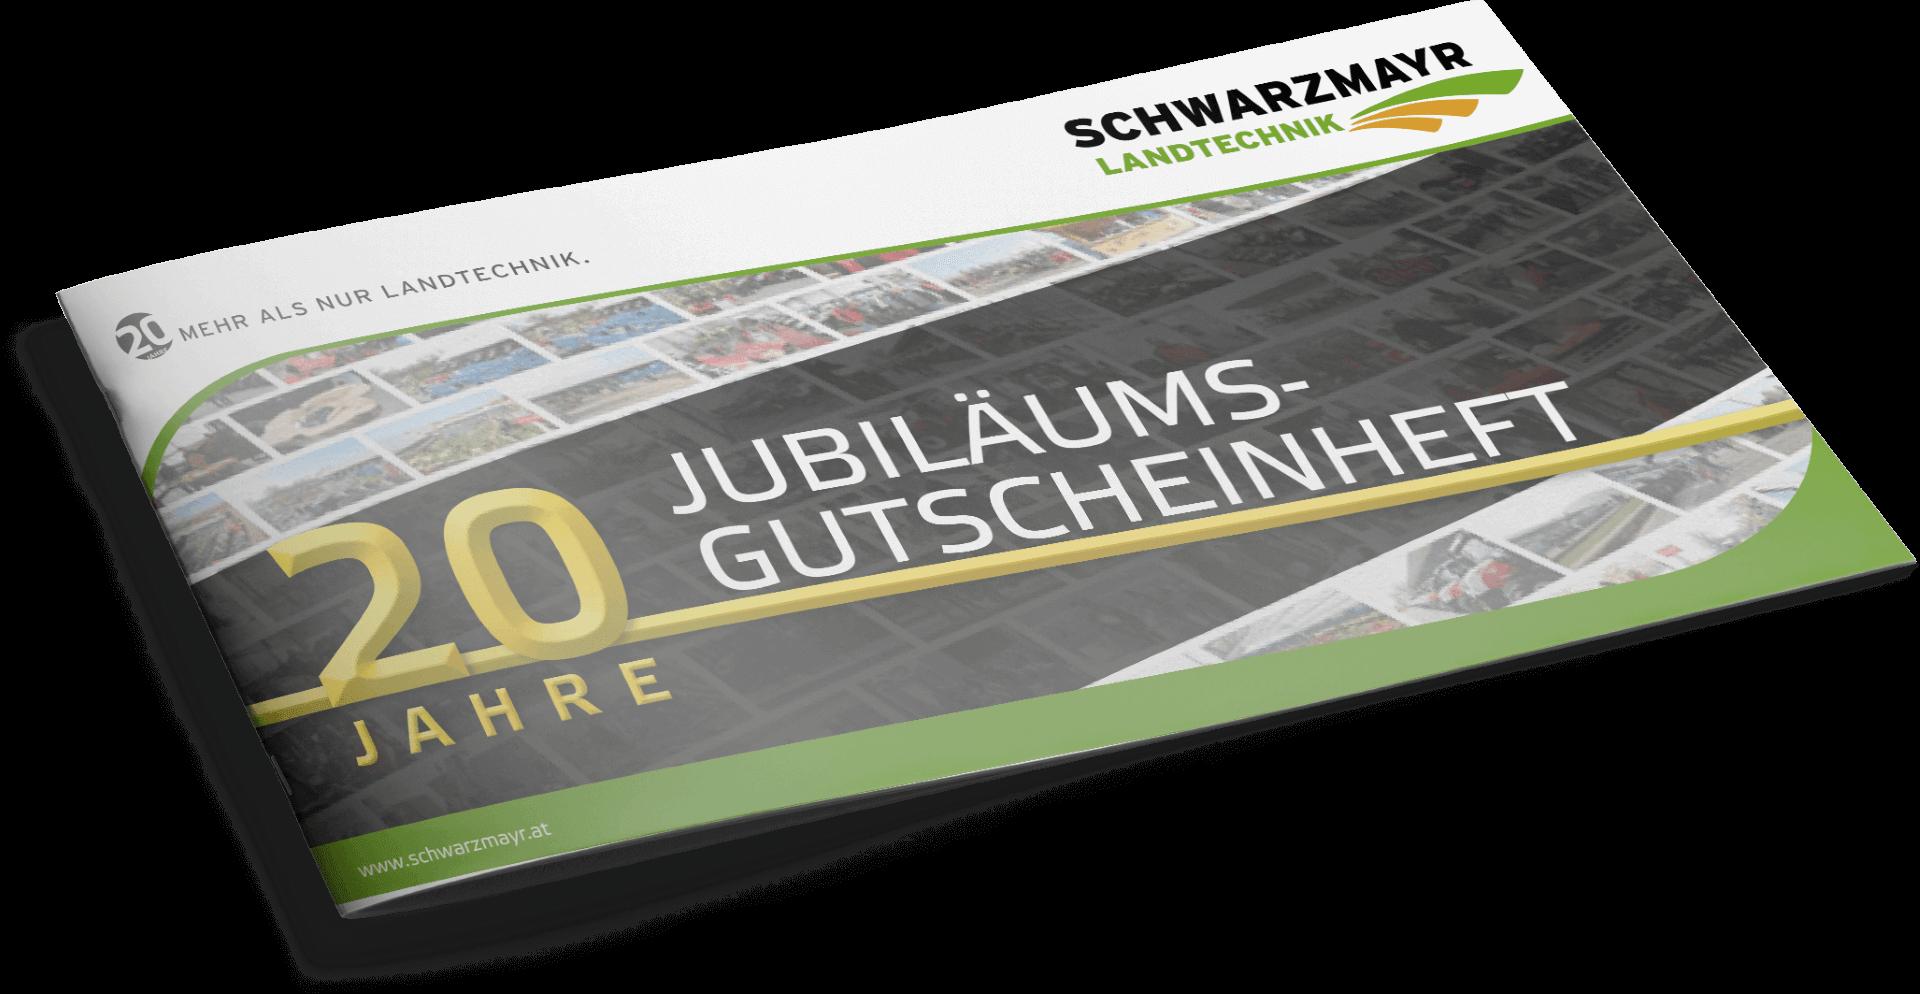 Schwarzmayr Jubiläums-Gutscheinheft